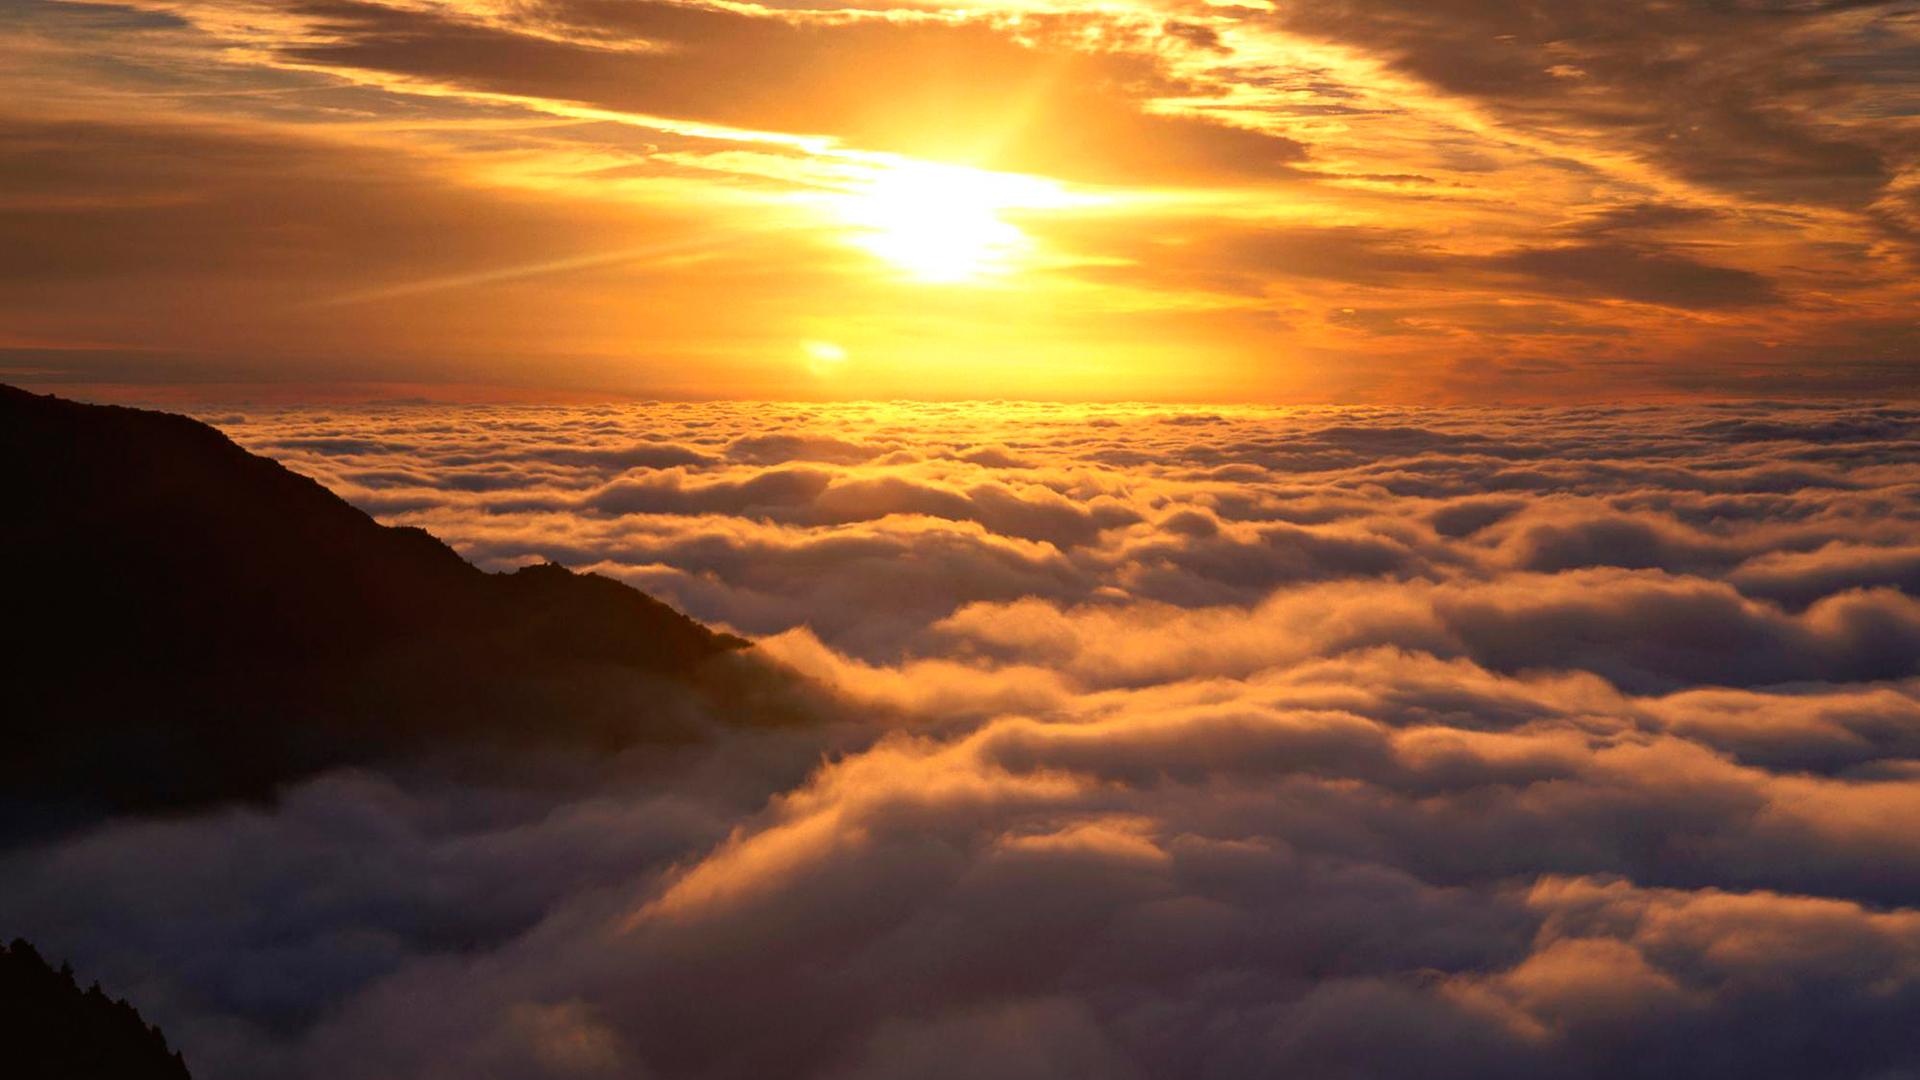 11364 скачать обои Пейзаж, Небо, Солнце, Облака - заставки и картинки бесплатно